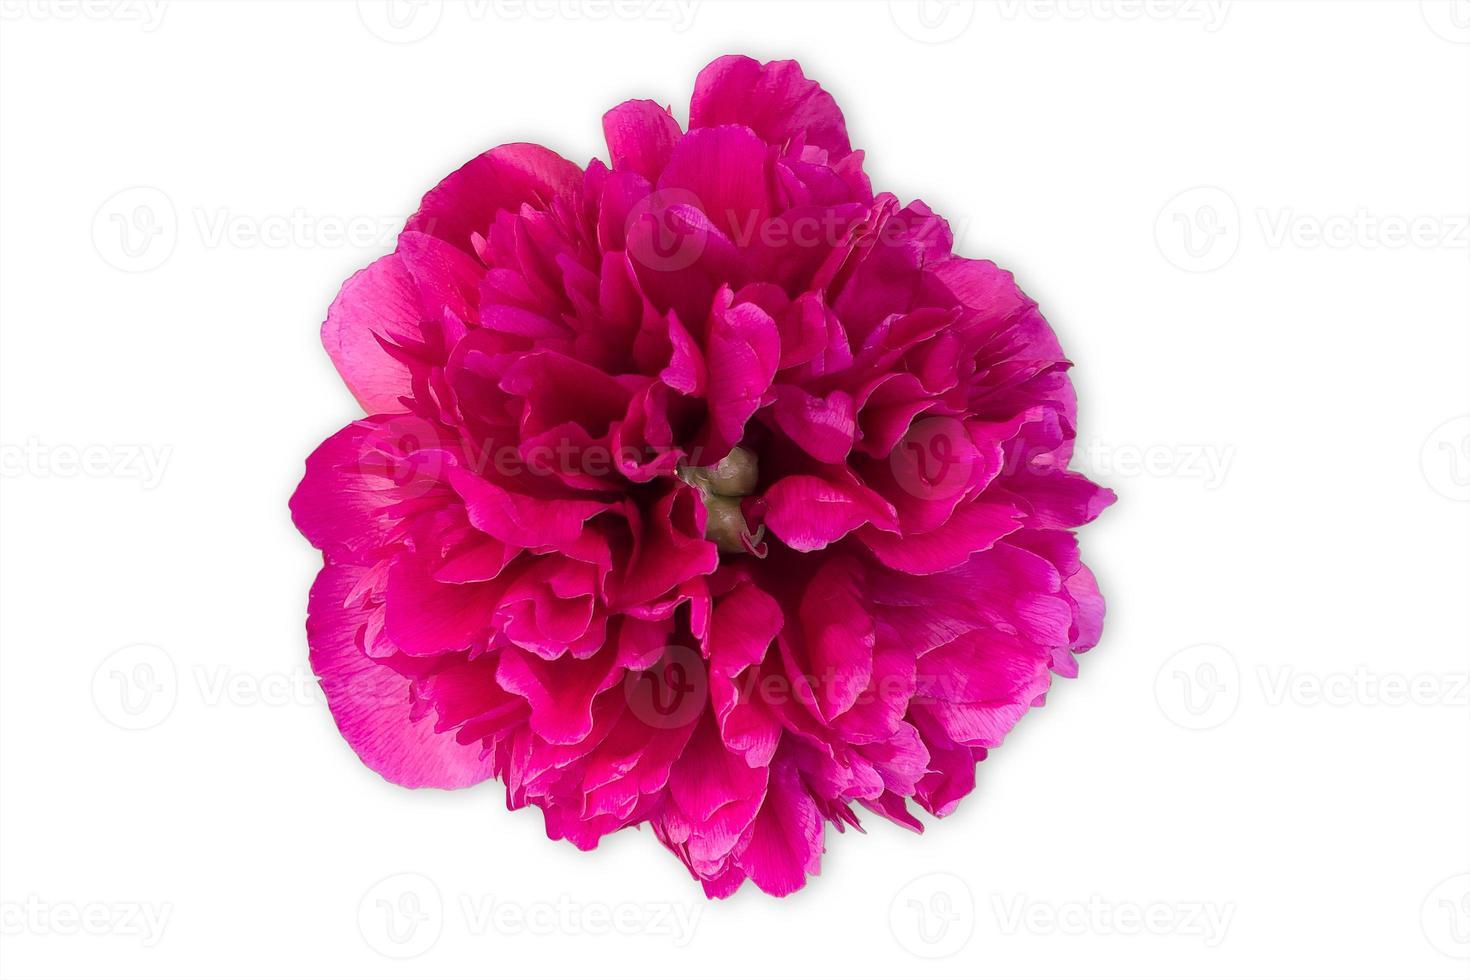 Capullo de flor de peonía de color rojo brillante o violeta con luz artificial, aislado sobre fondo blanco. foto